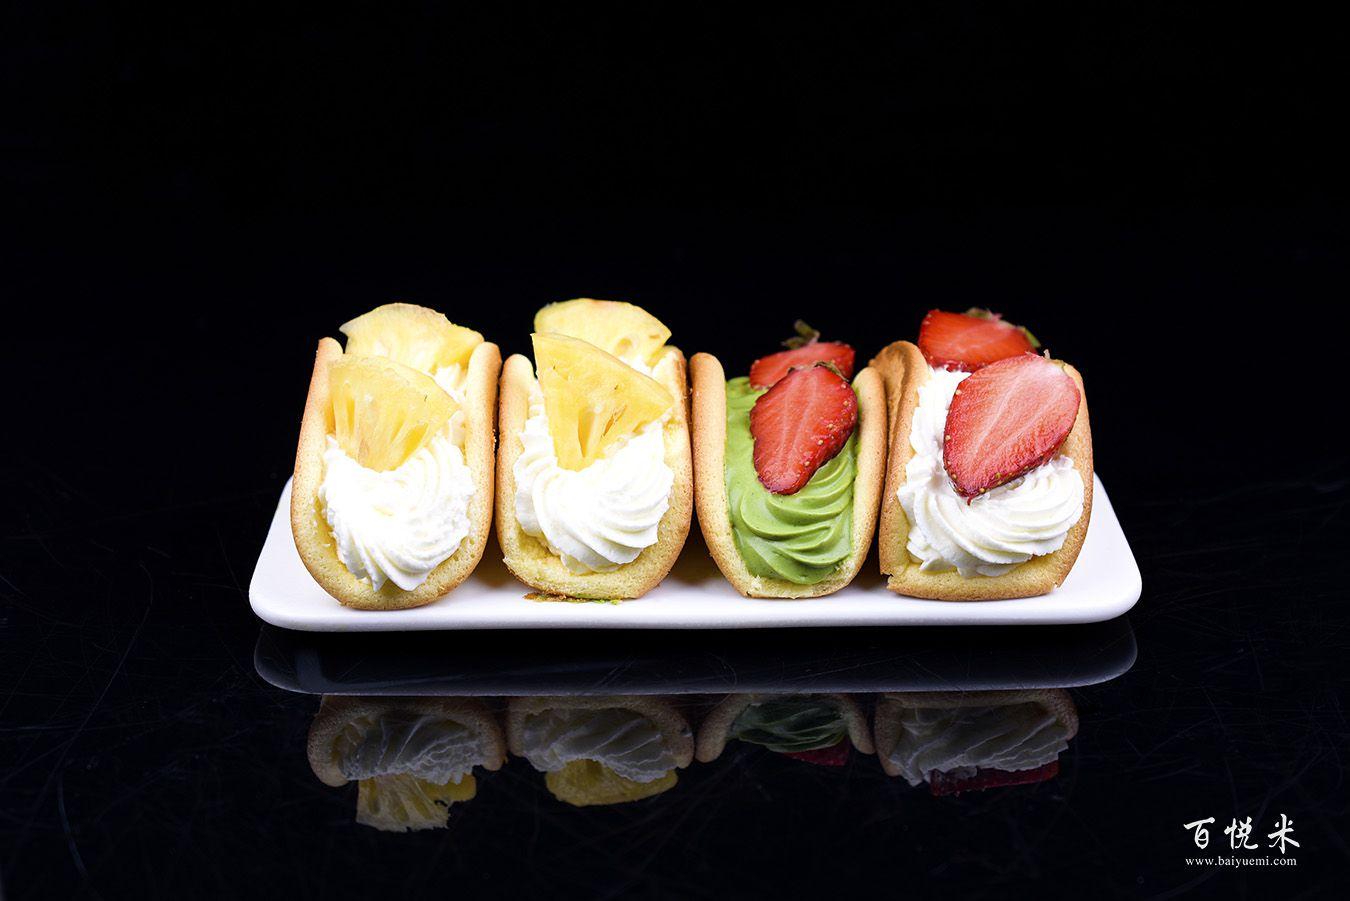 草莓抱抱卷高清图片大全【蛋糕图片】_1090